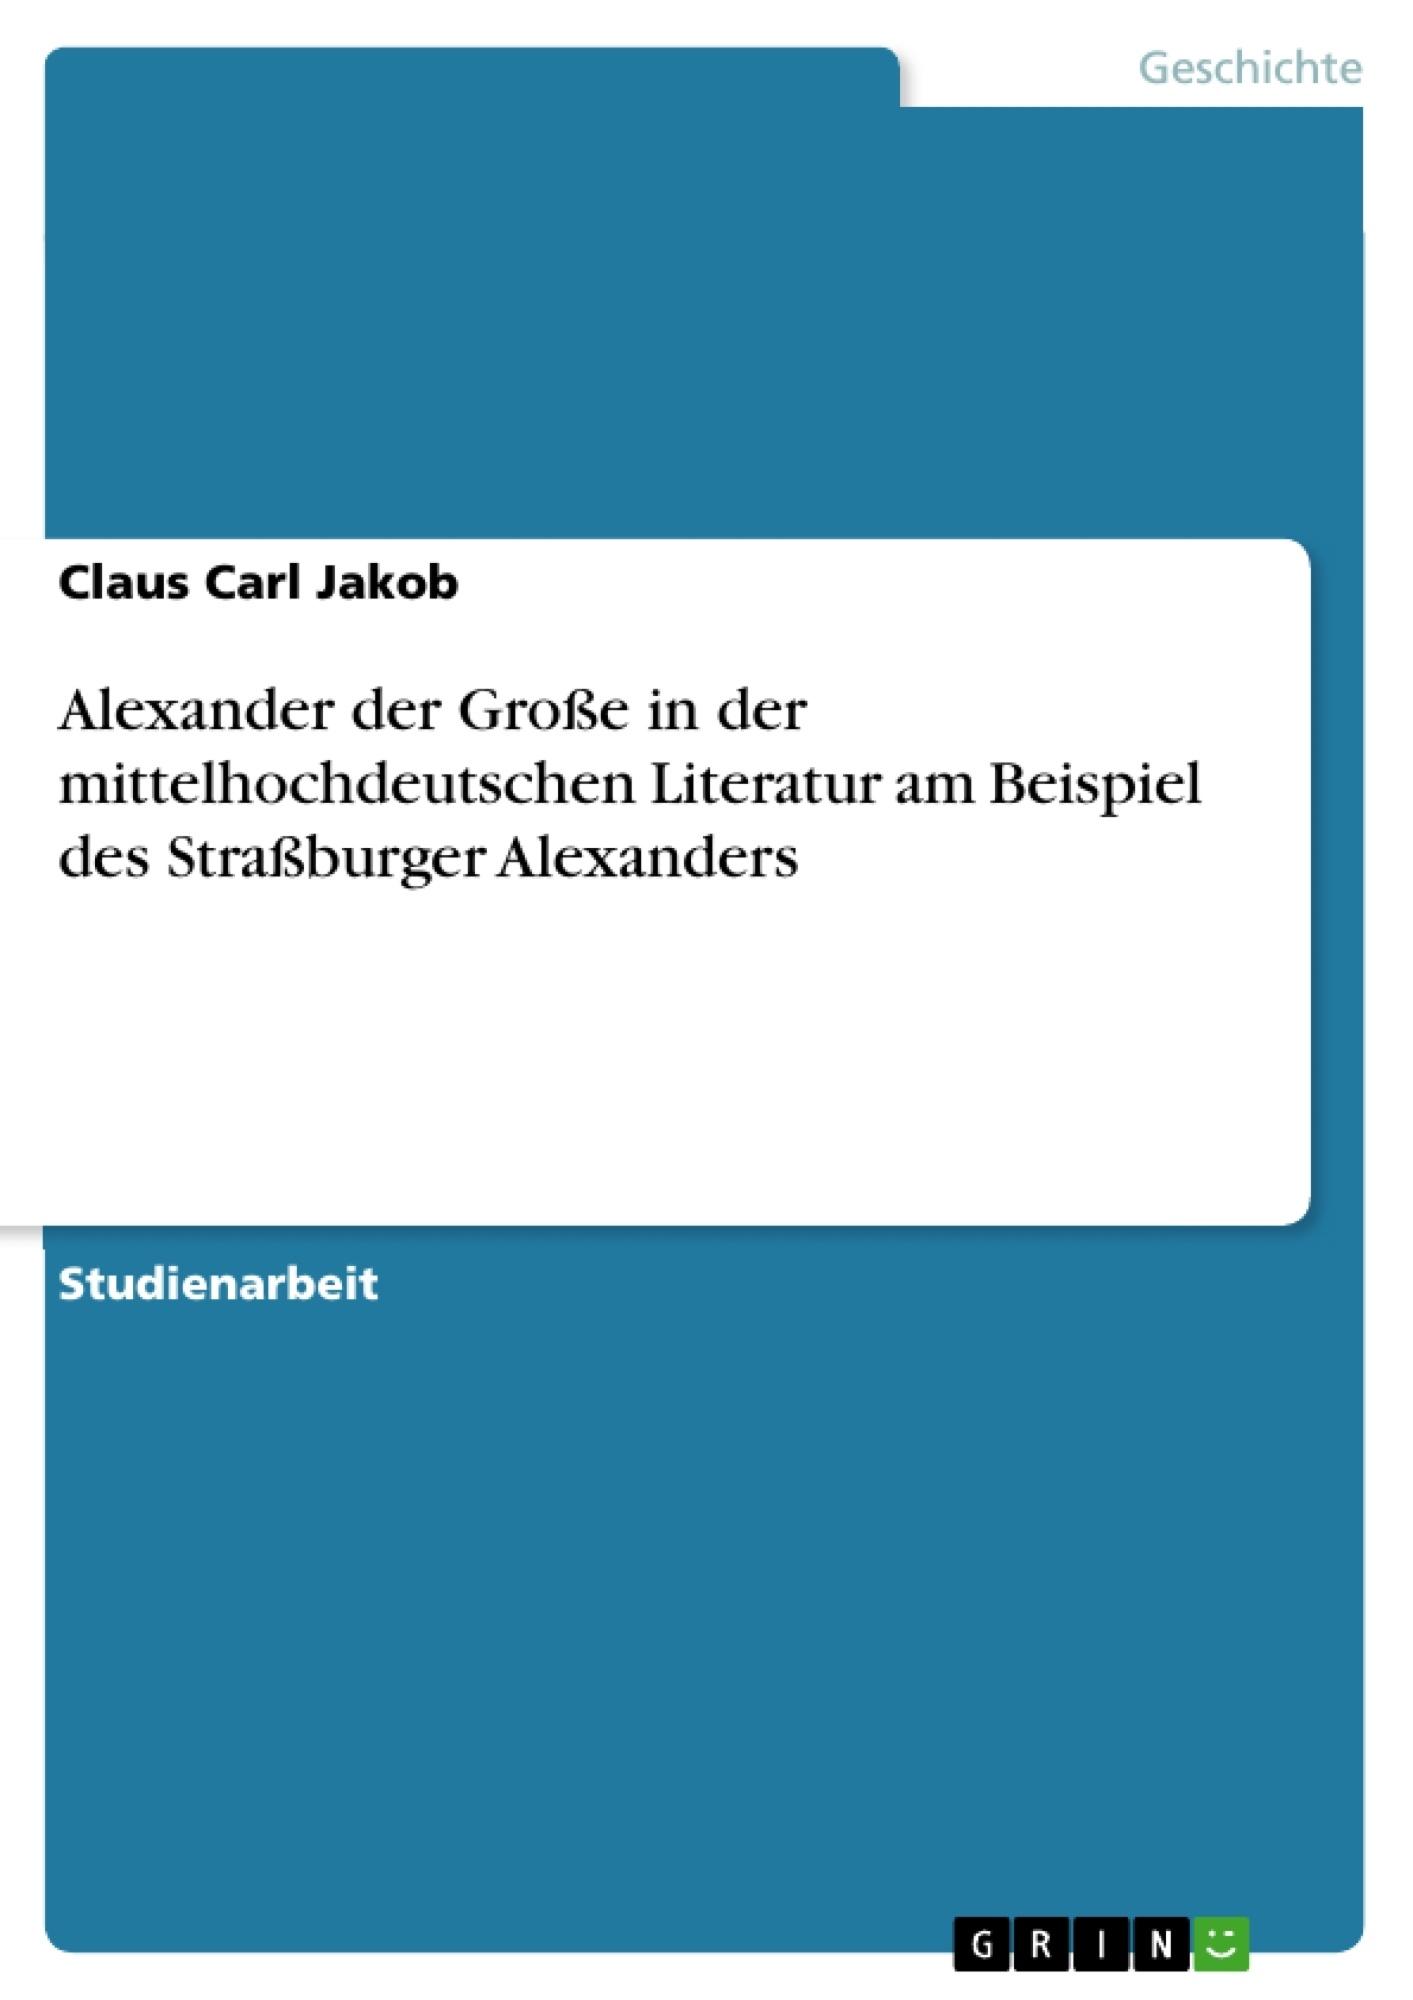 Titel: Alexander der Große in der mittelhochdeutschen Literatur am Beispiel des Straßburger Alexanders